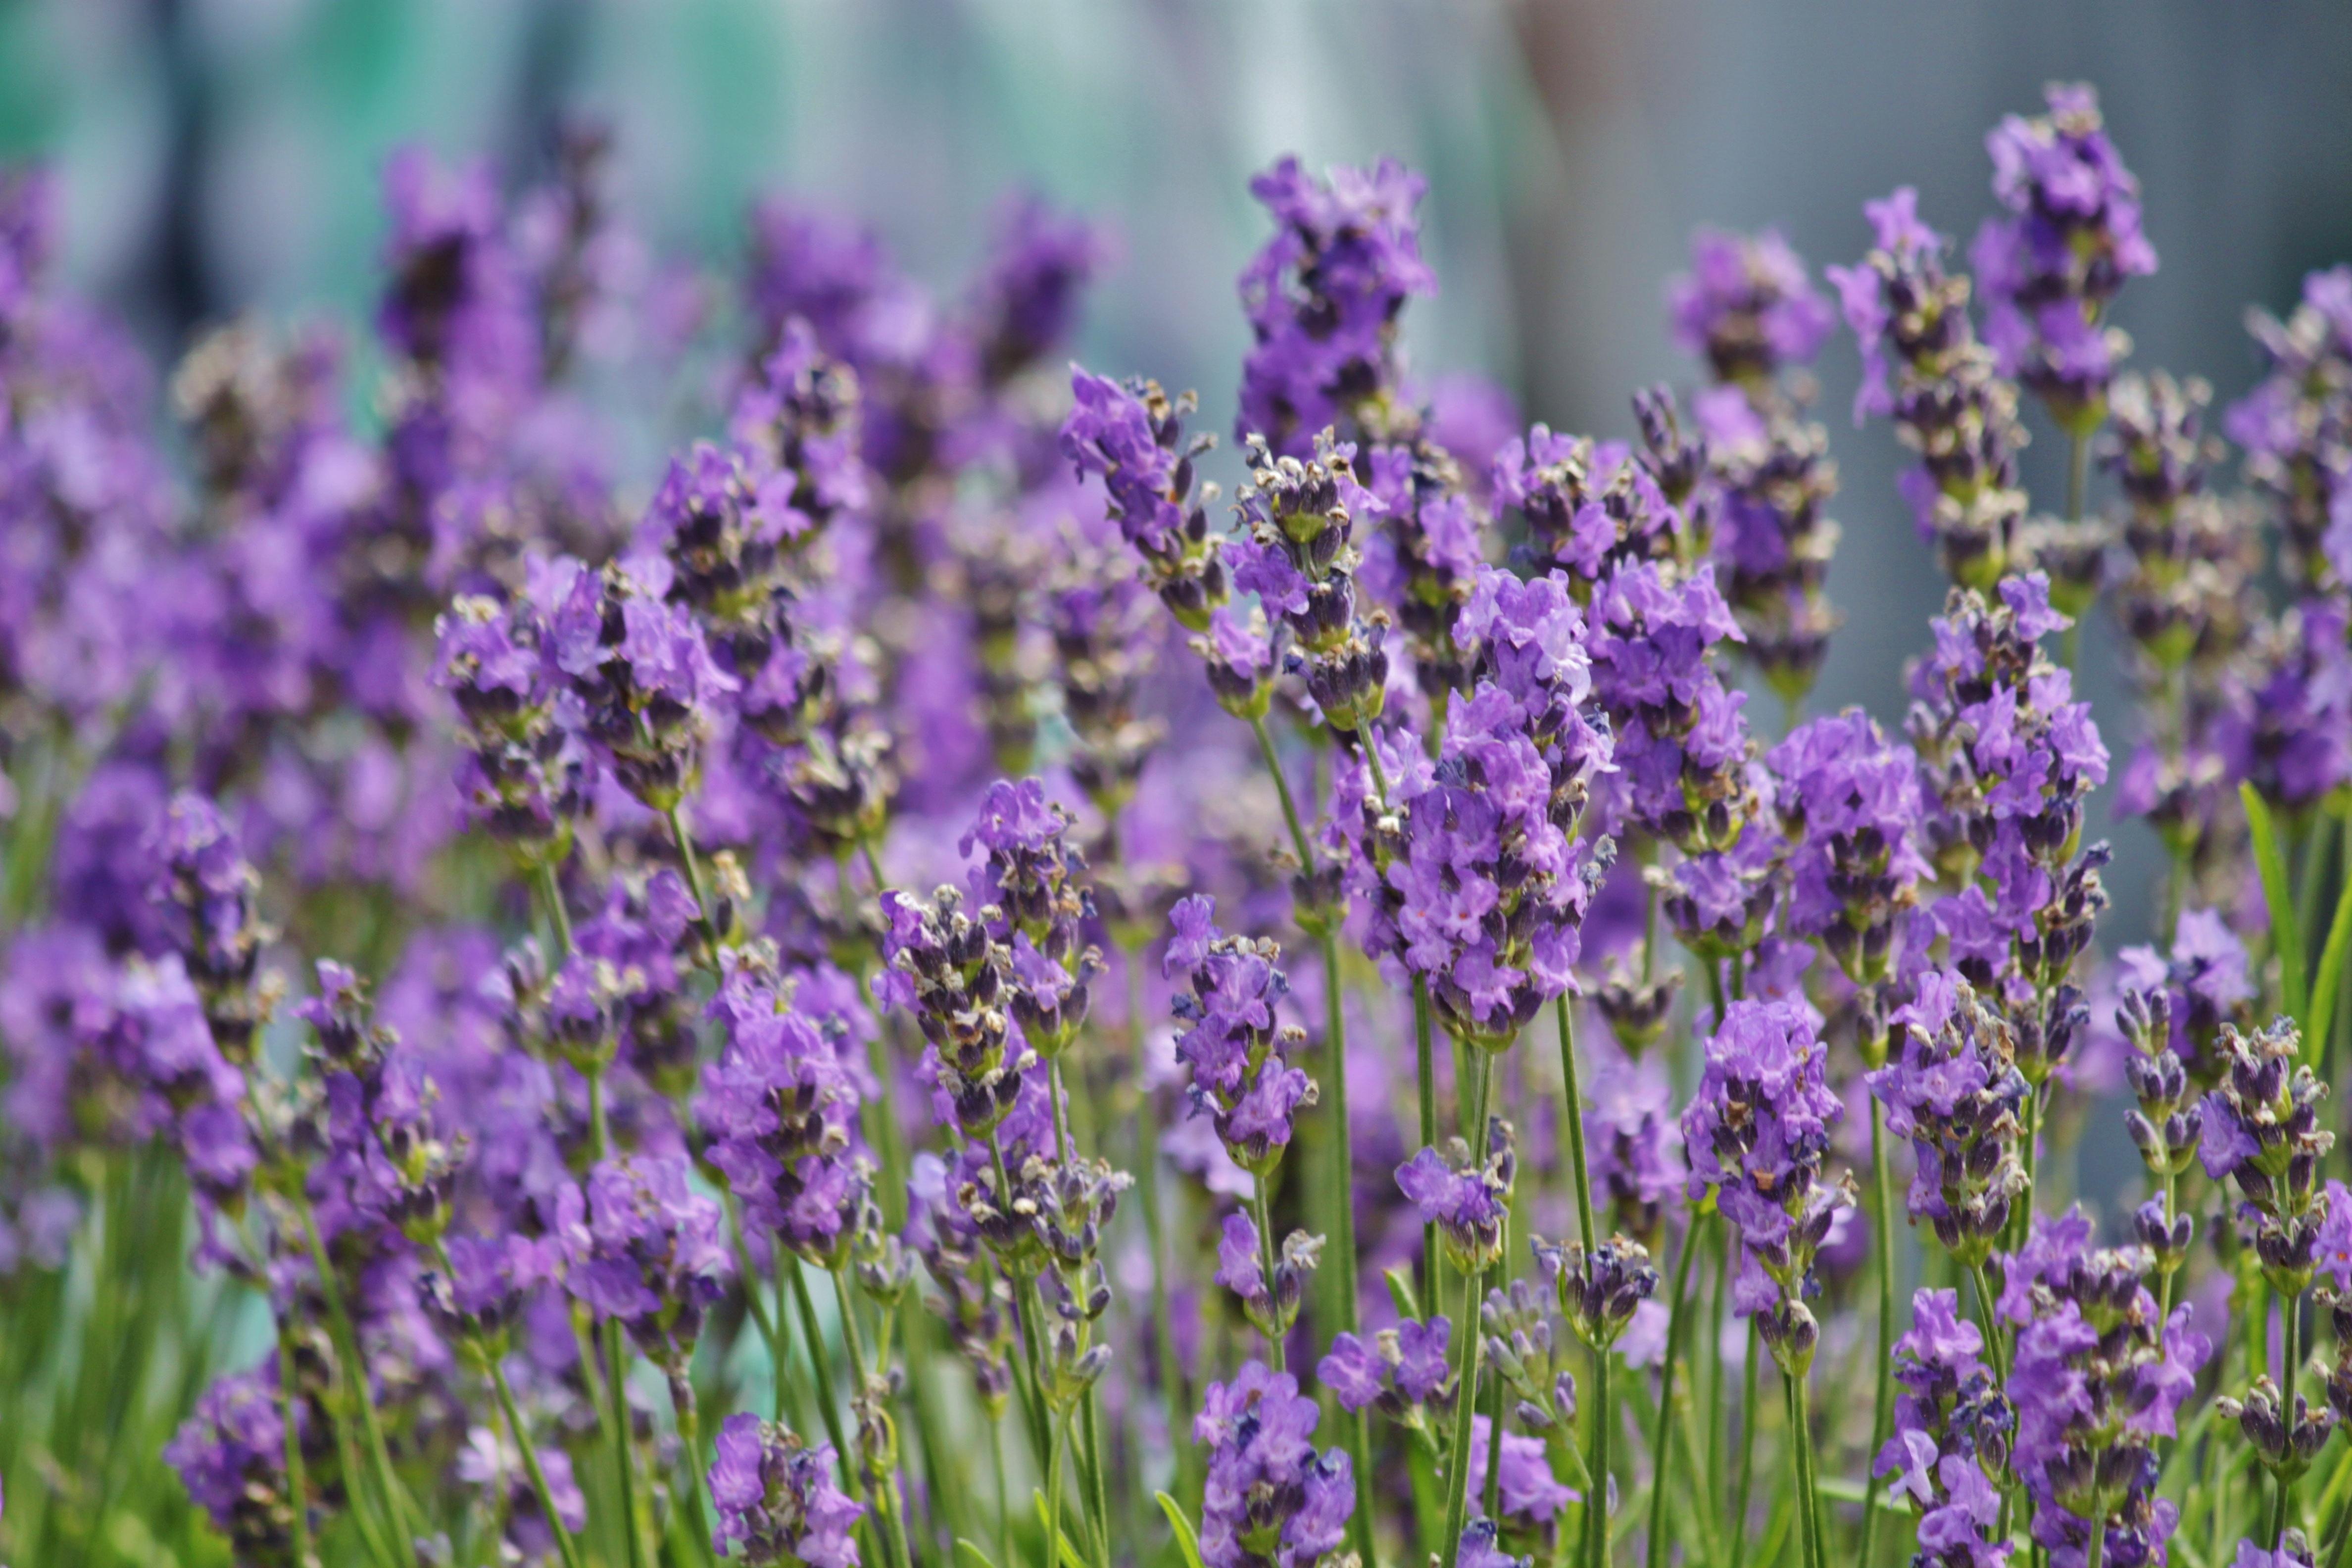 images gratuites la nature fleur prairie floraison t france herbe surgir macro. Black Bedroom Furniture Sets. Home Design Ideas